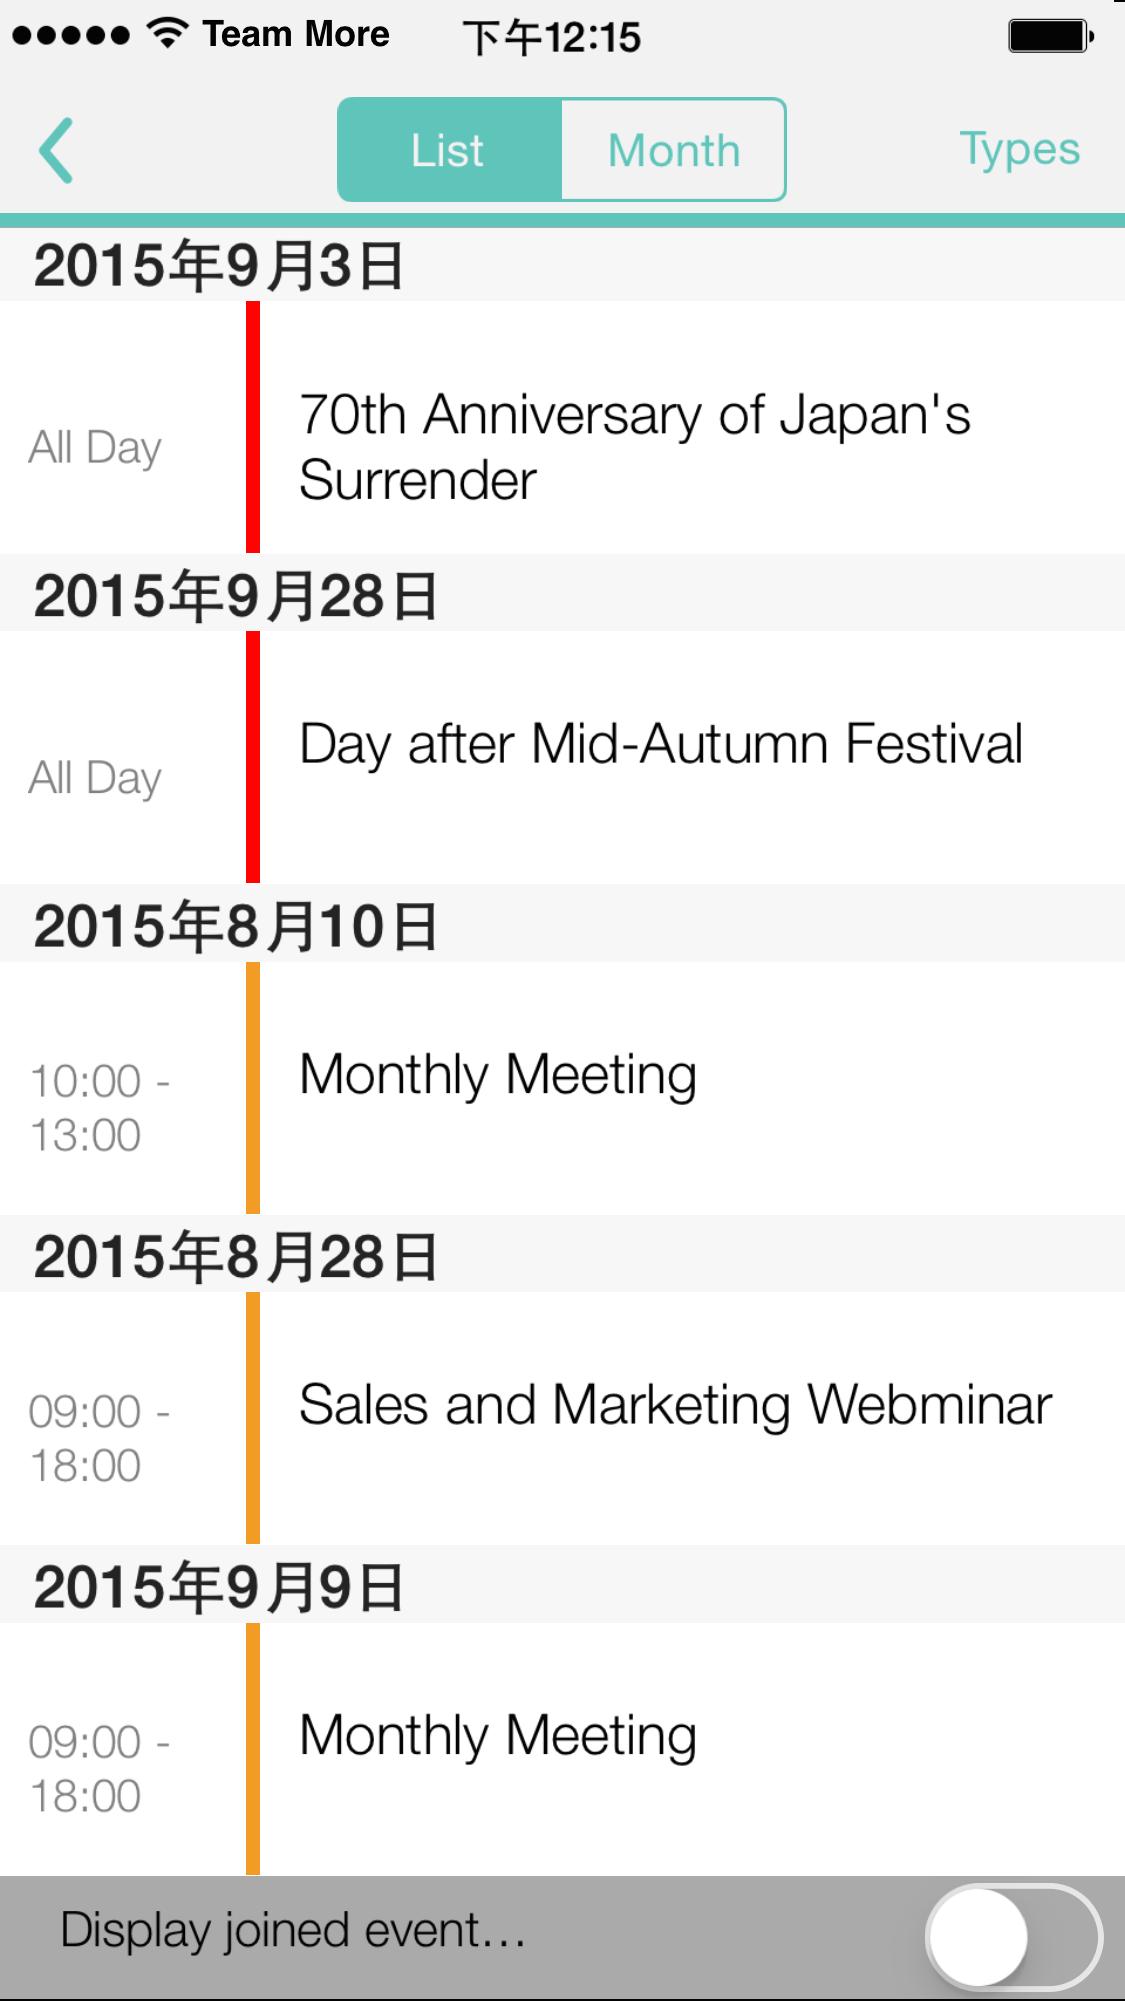 Team More – Event Agendas